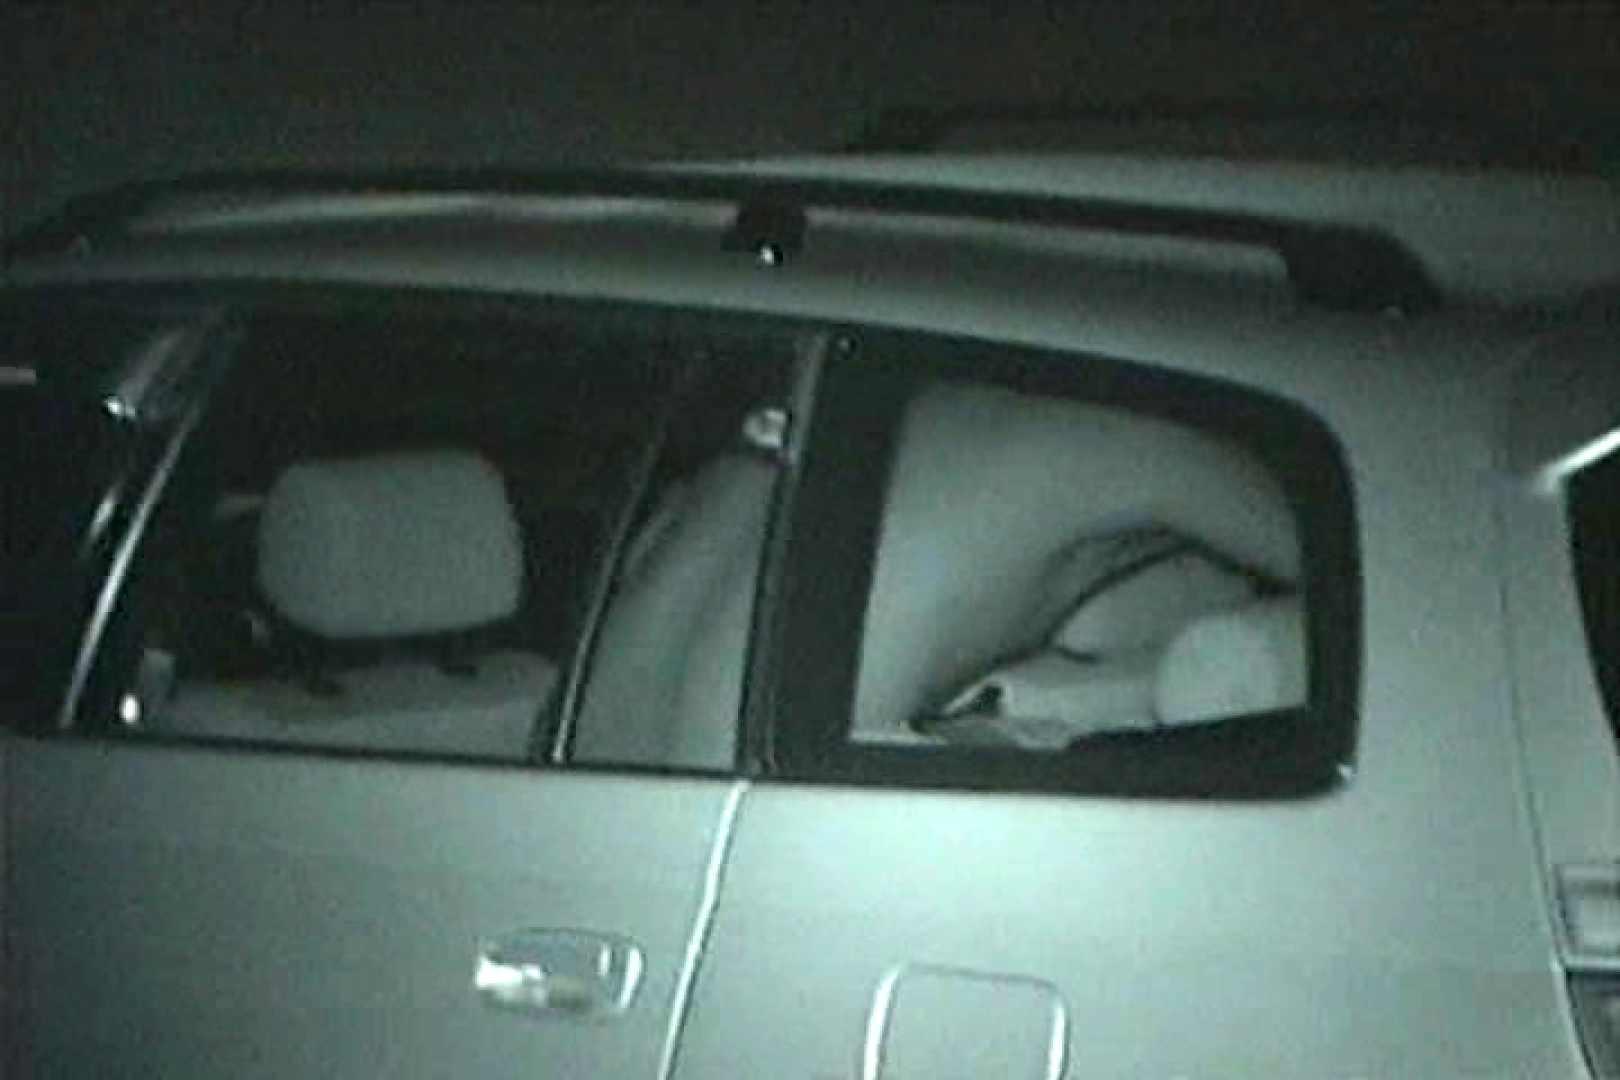 車の中はラブホテル 無修正版  Vol.24 ラブホテル 濡れ場動画紹介 102画像 13